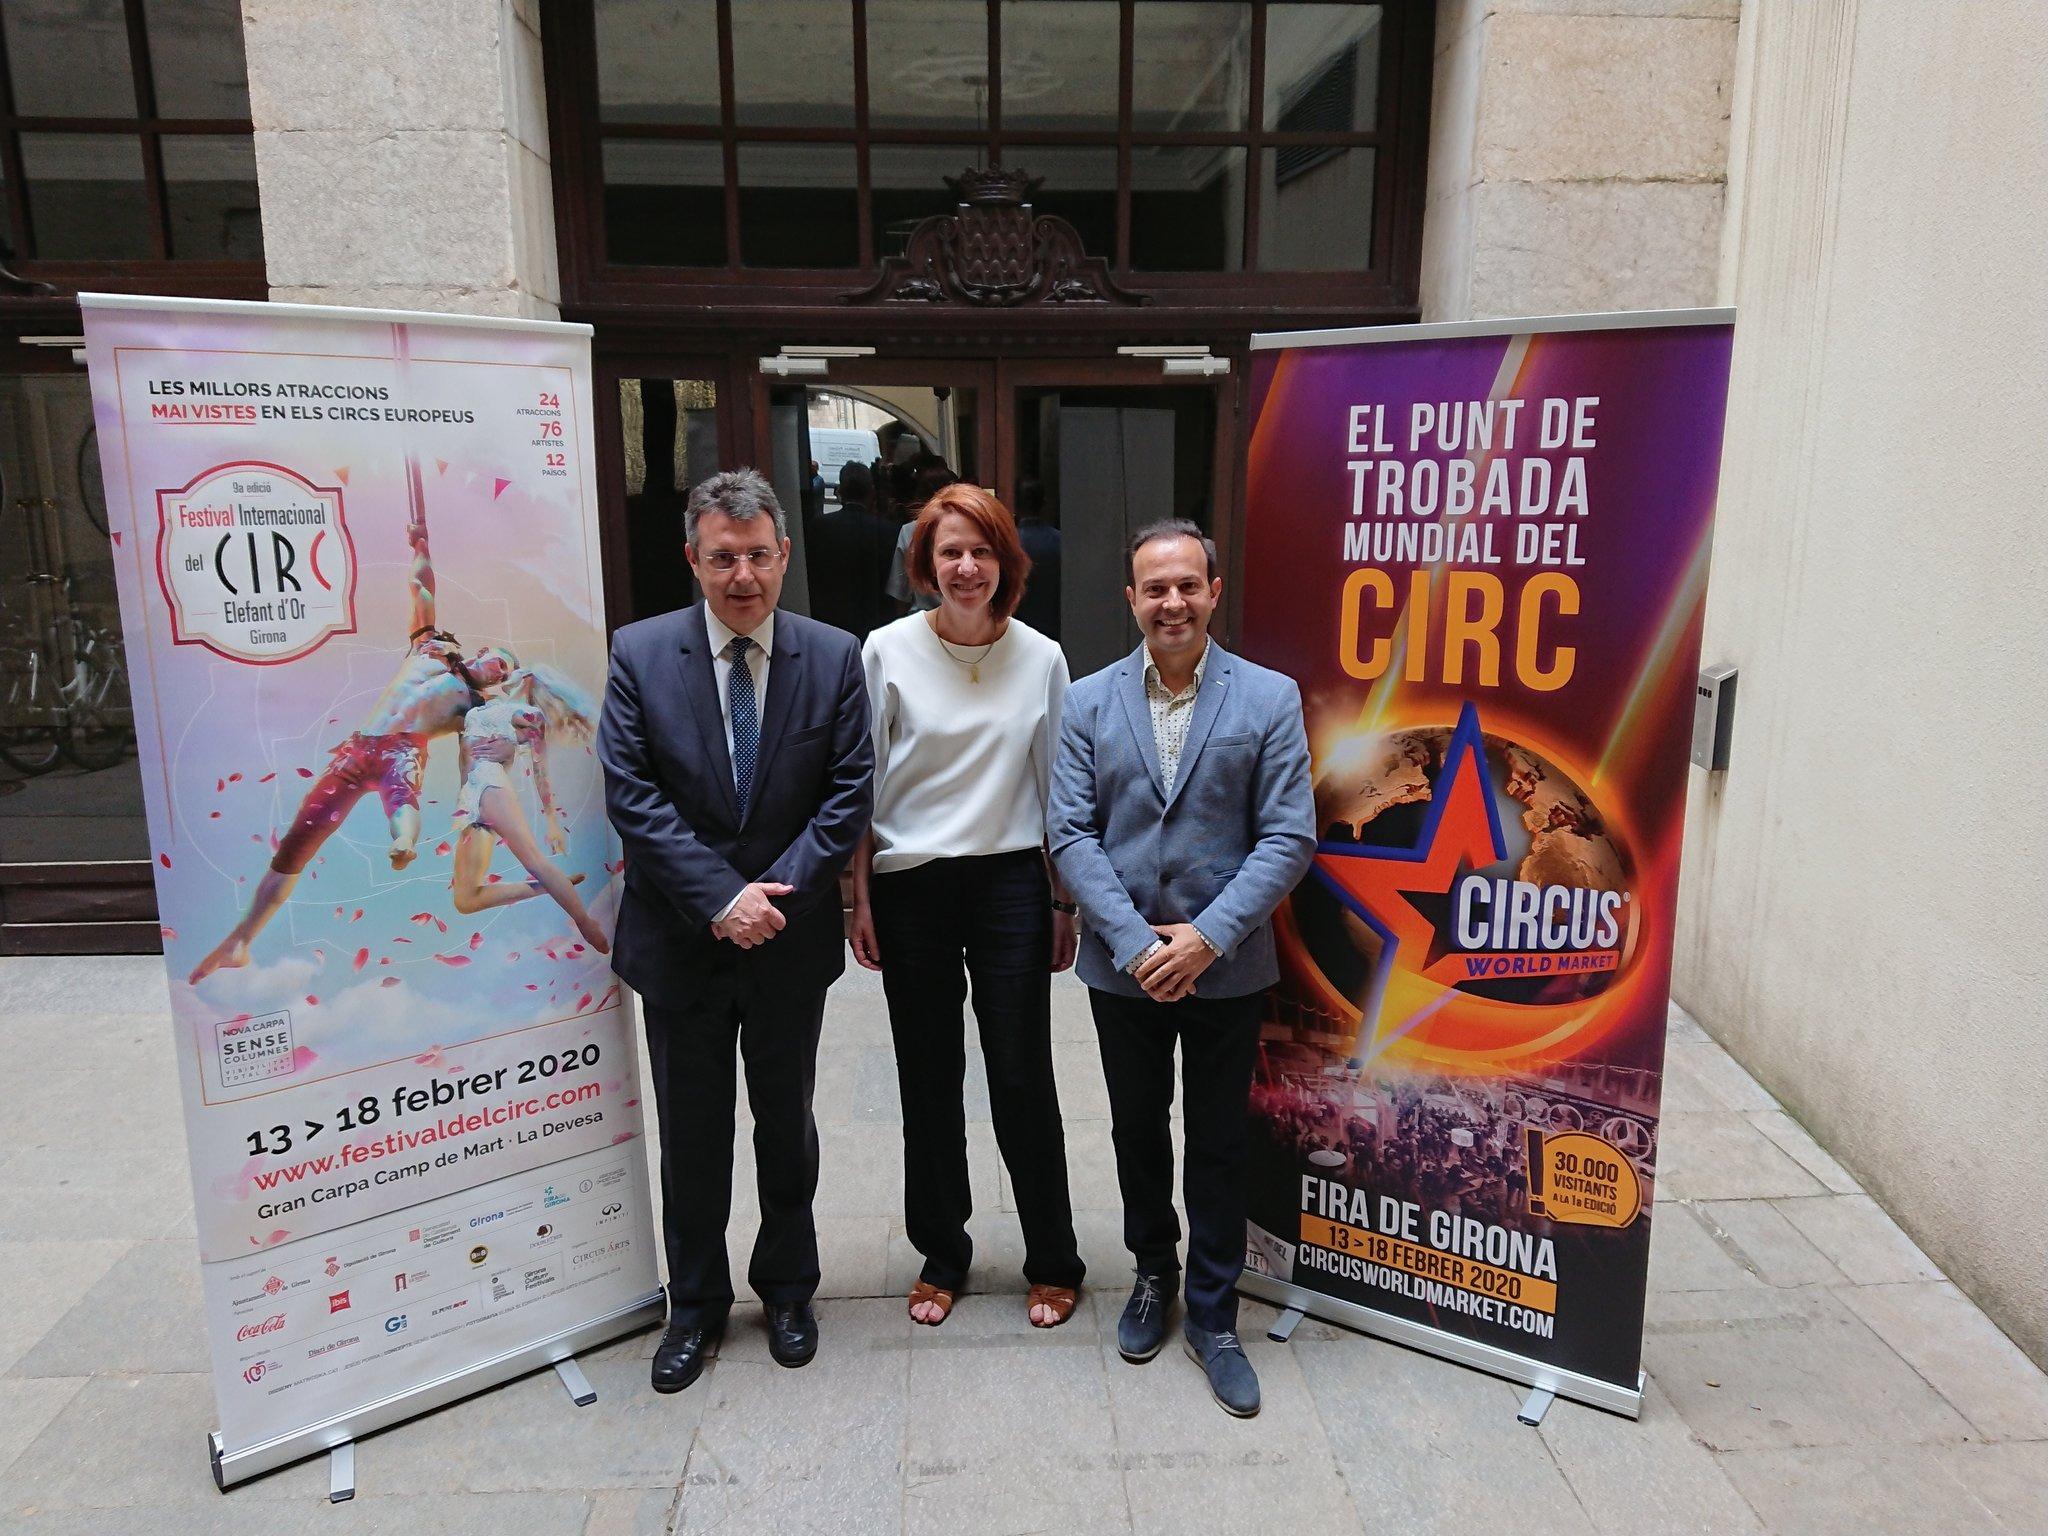 L'alcaldessa de Girona presenta l'edició 2020 del Festival Internacional de Circ Elefant d'Or